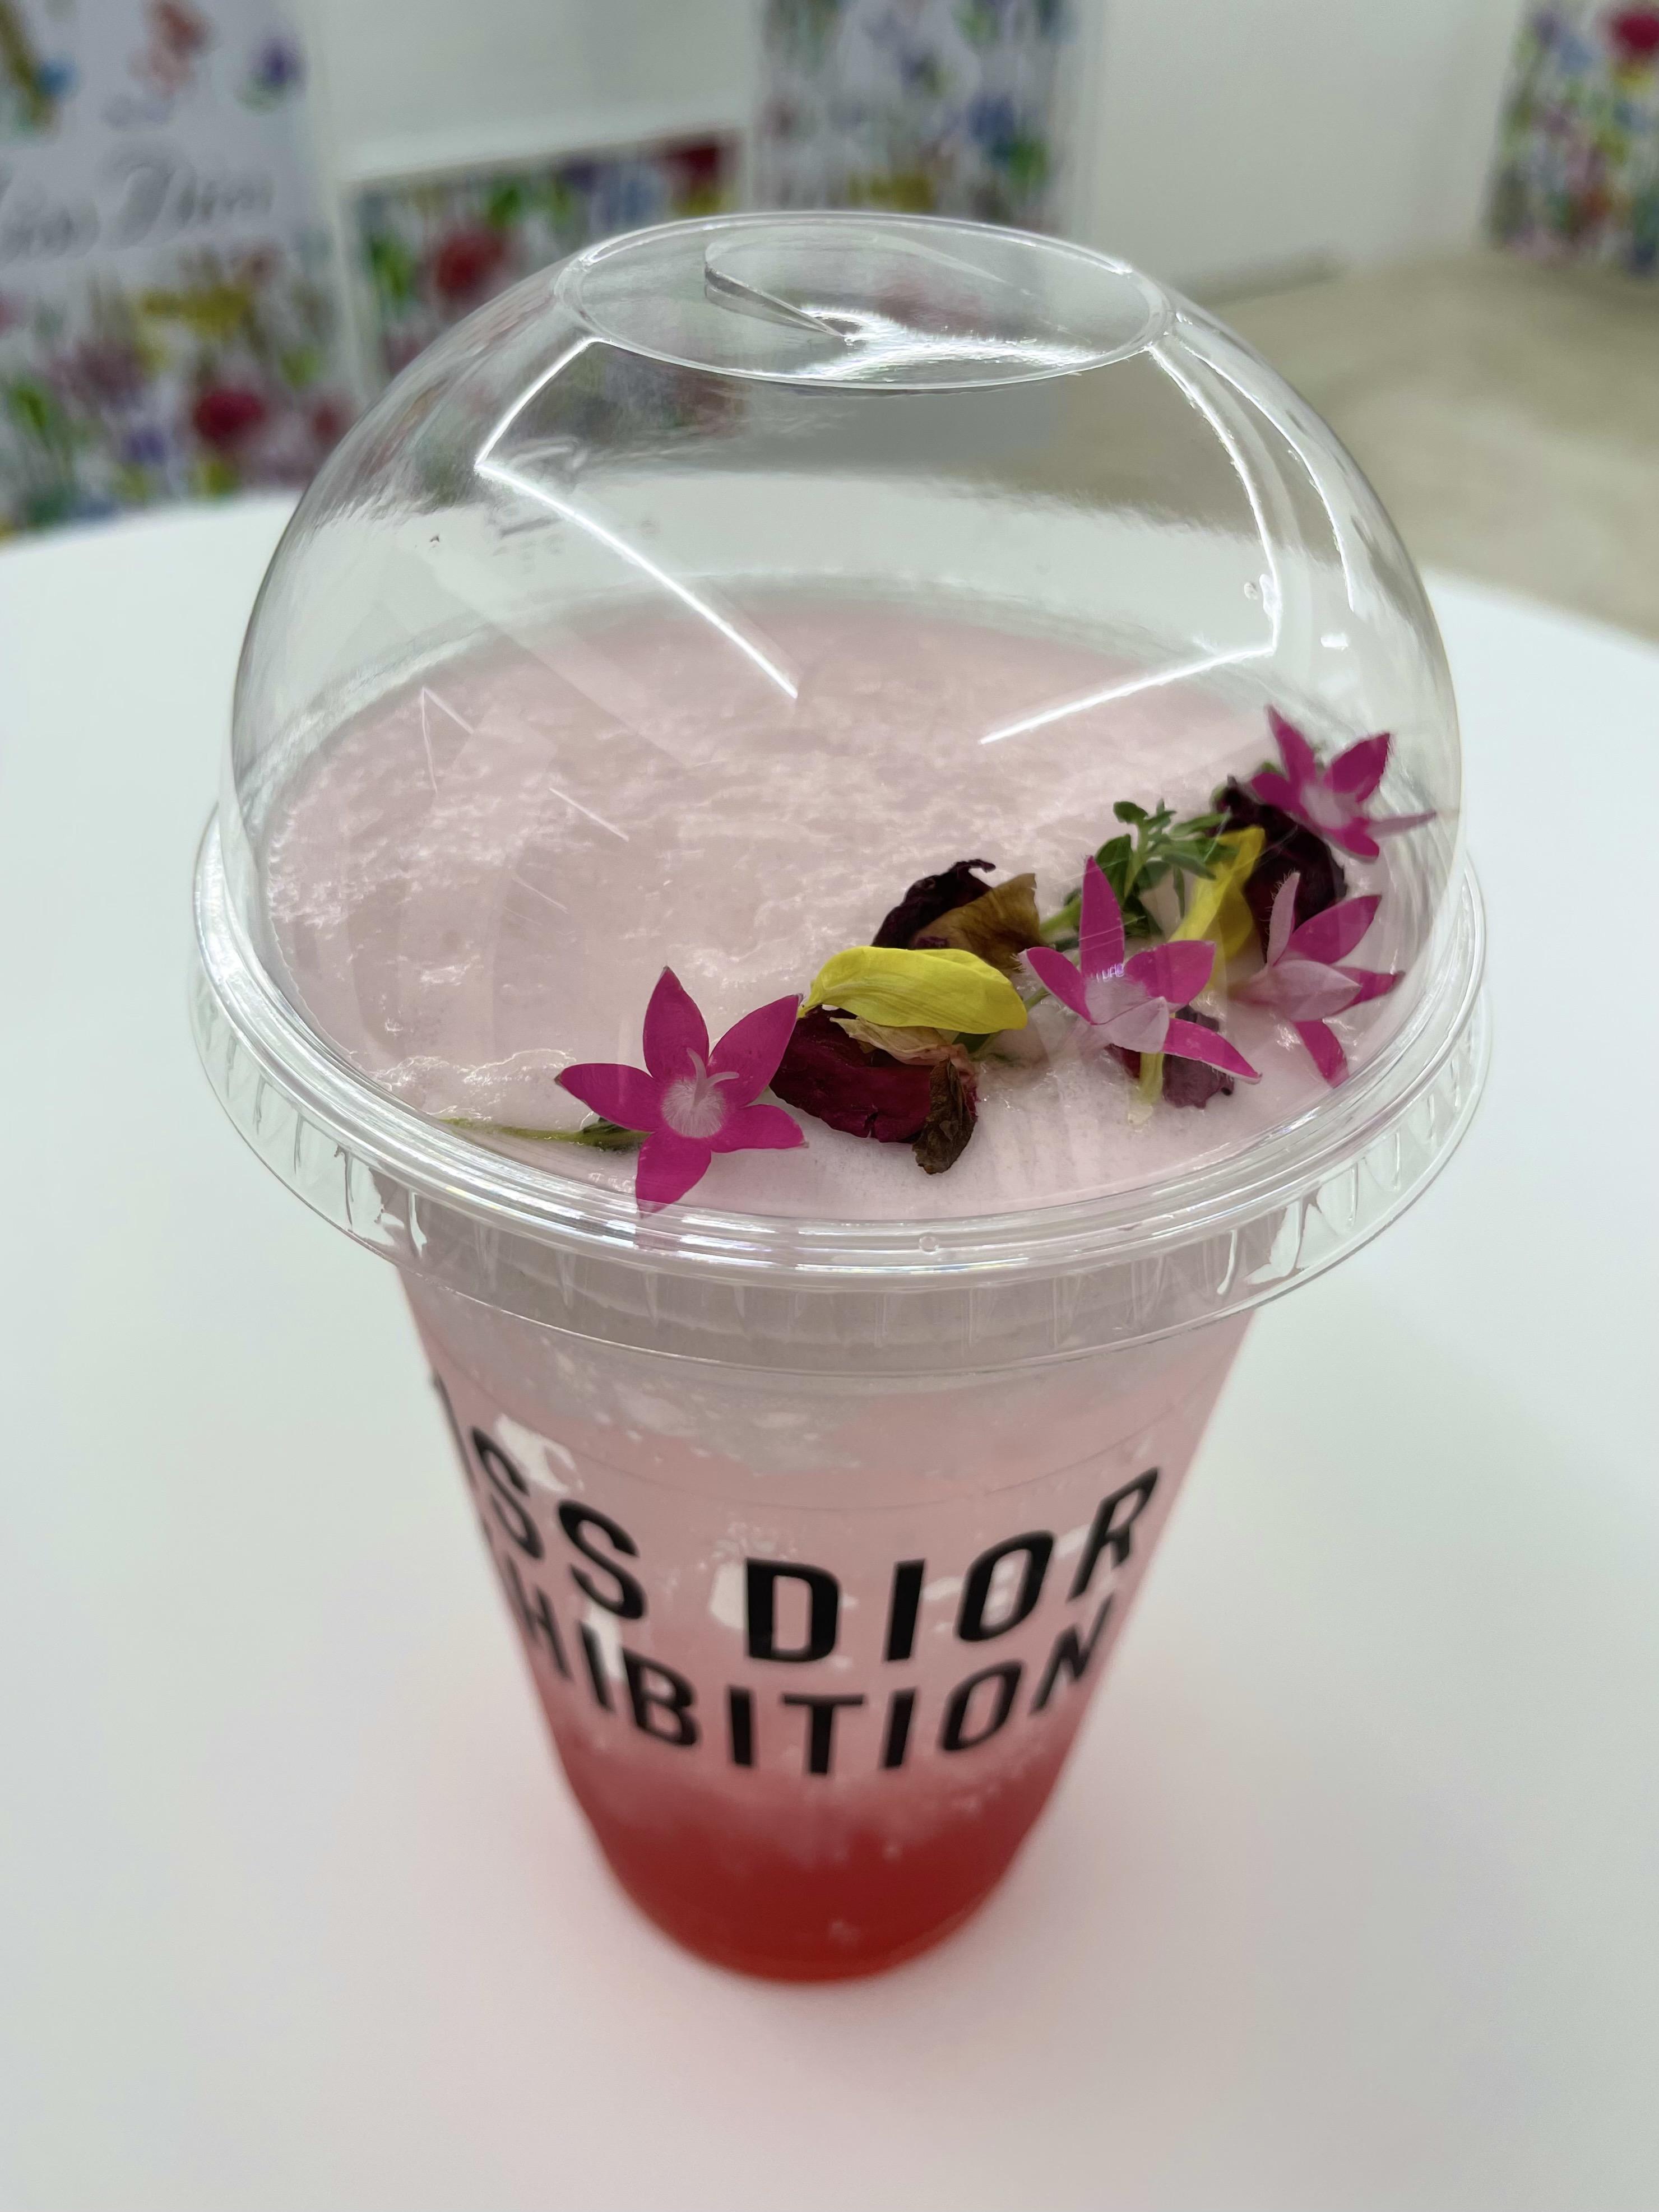 Dior(ディオール)のシグネチャー ドリンク「ローズ&ザクロ ビネガー ソーダ」